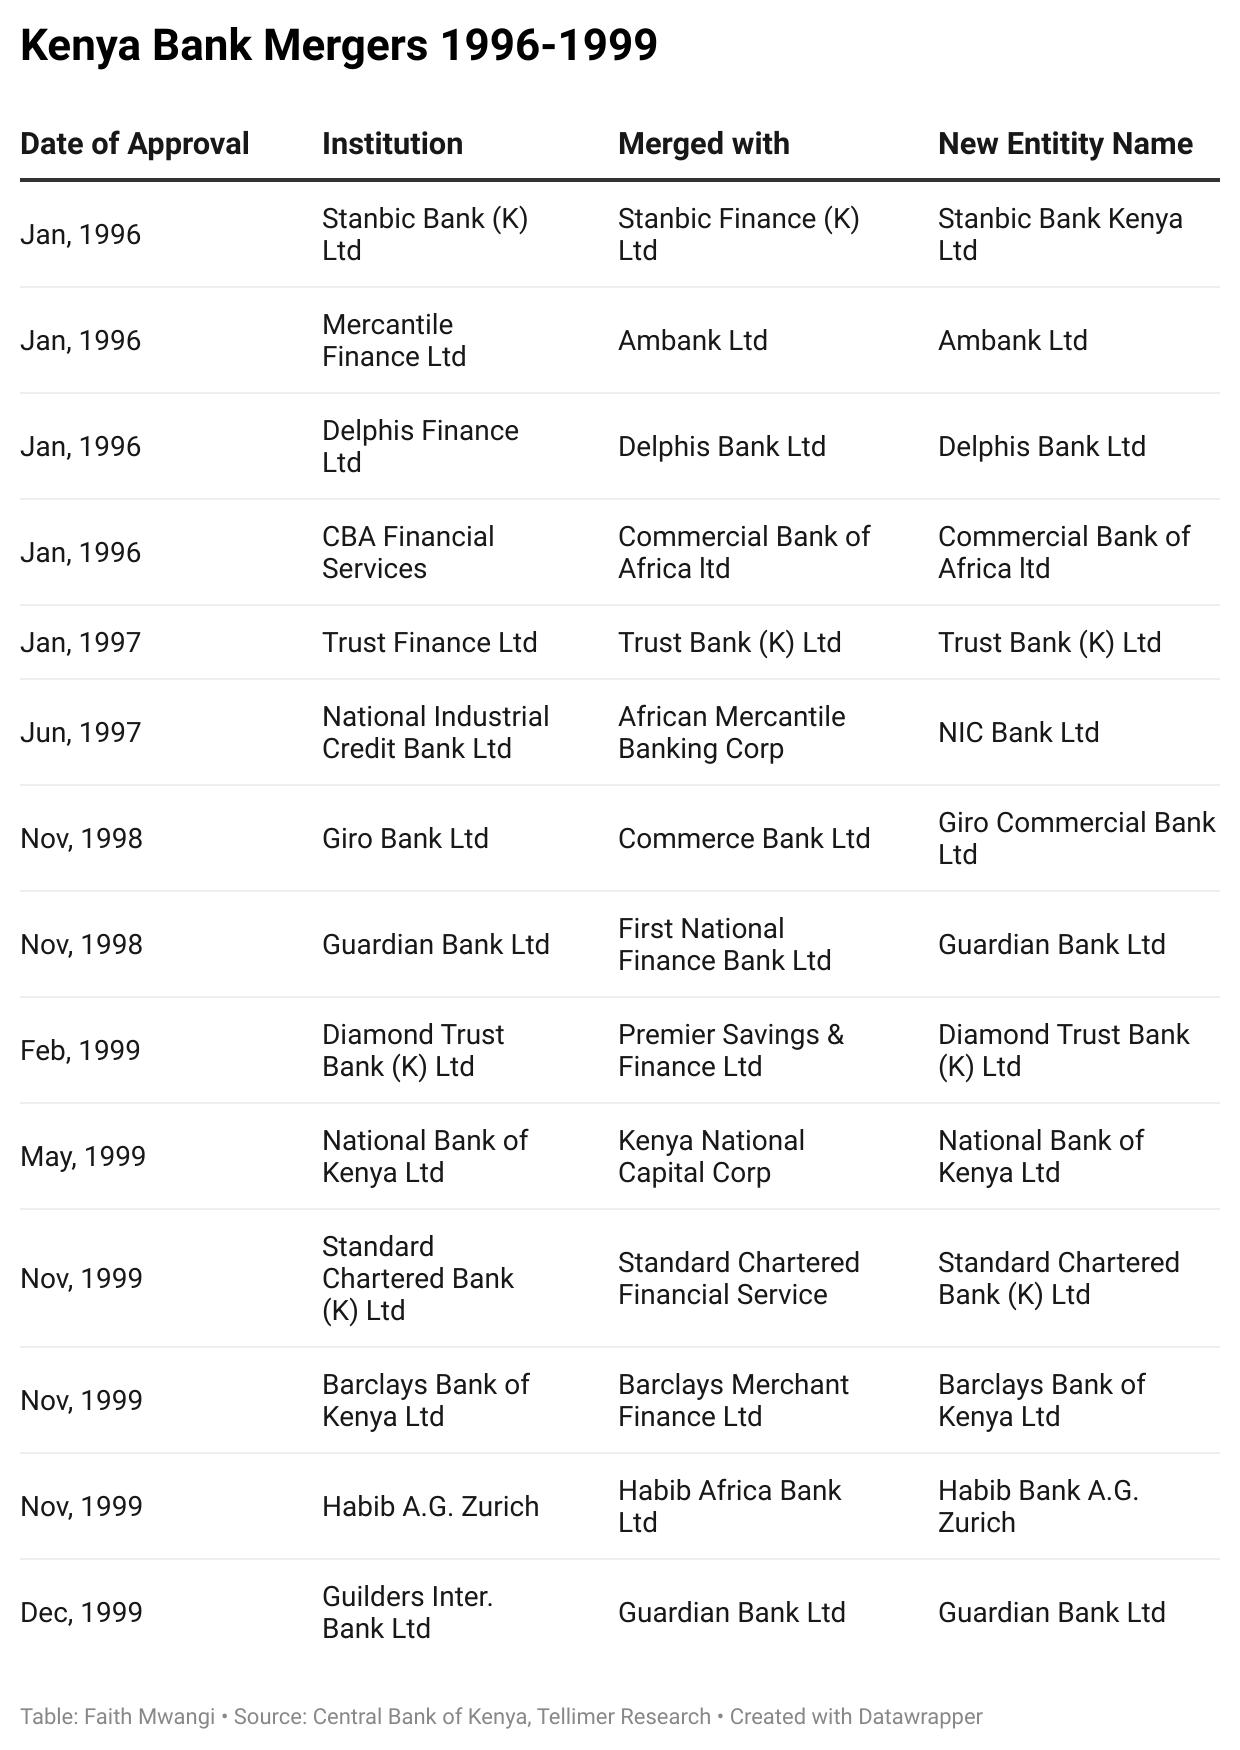 Kenya Bank Mergers 1996-1999